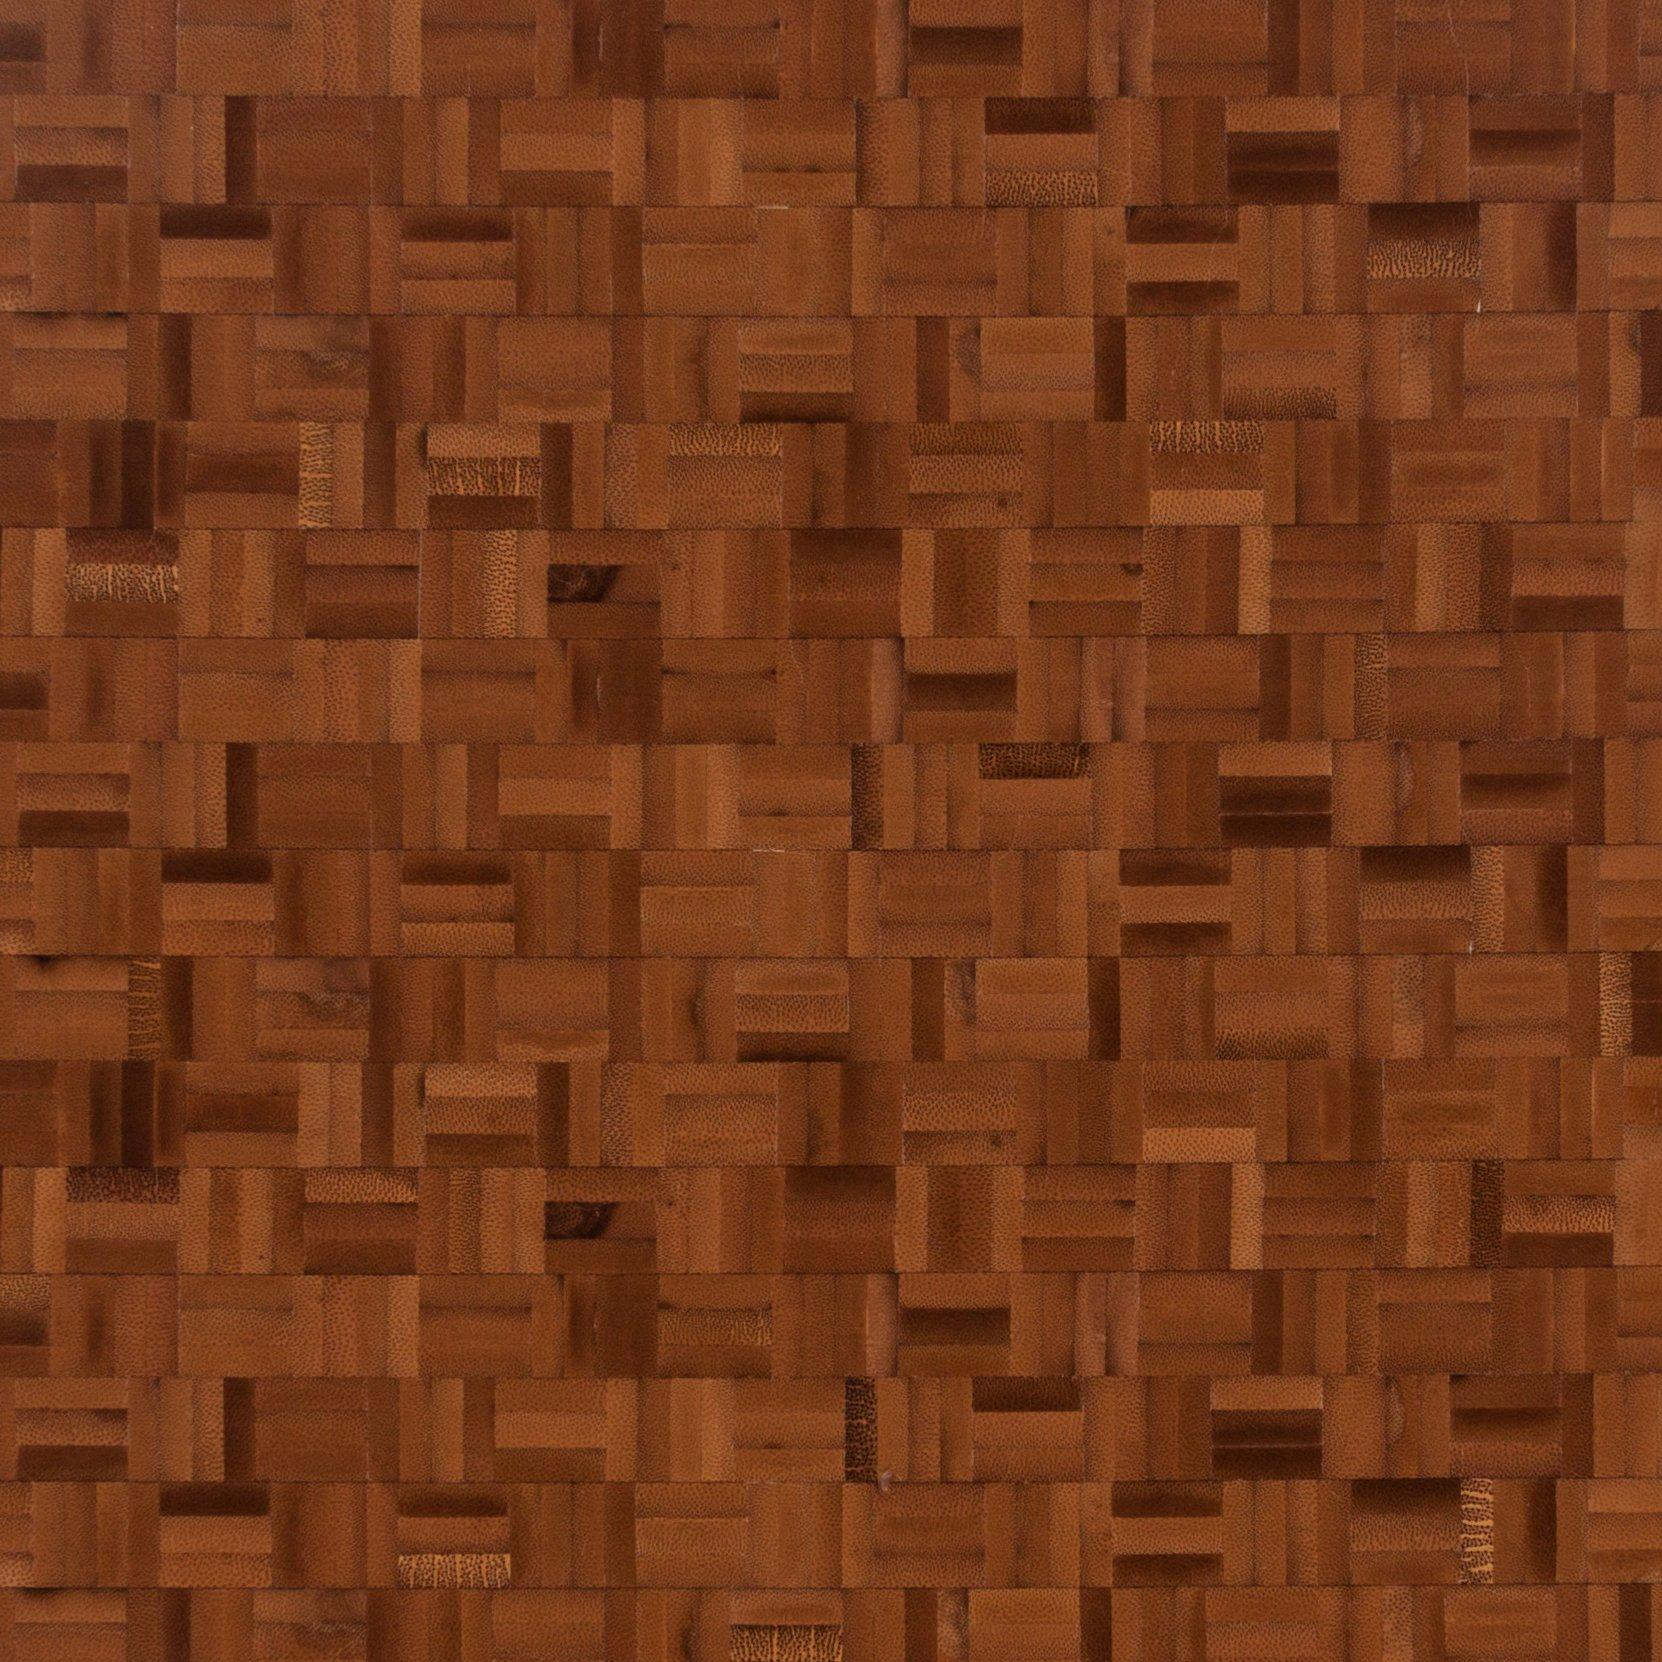 bamboo mosaic butcher block countertop 12ft